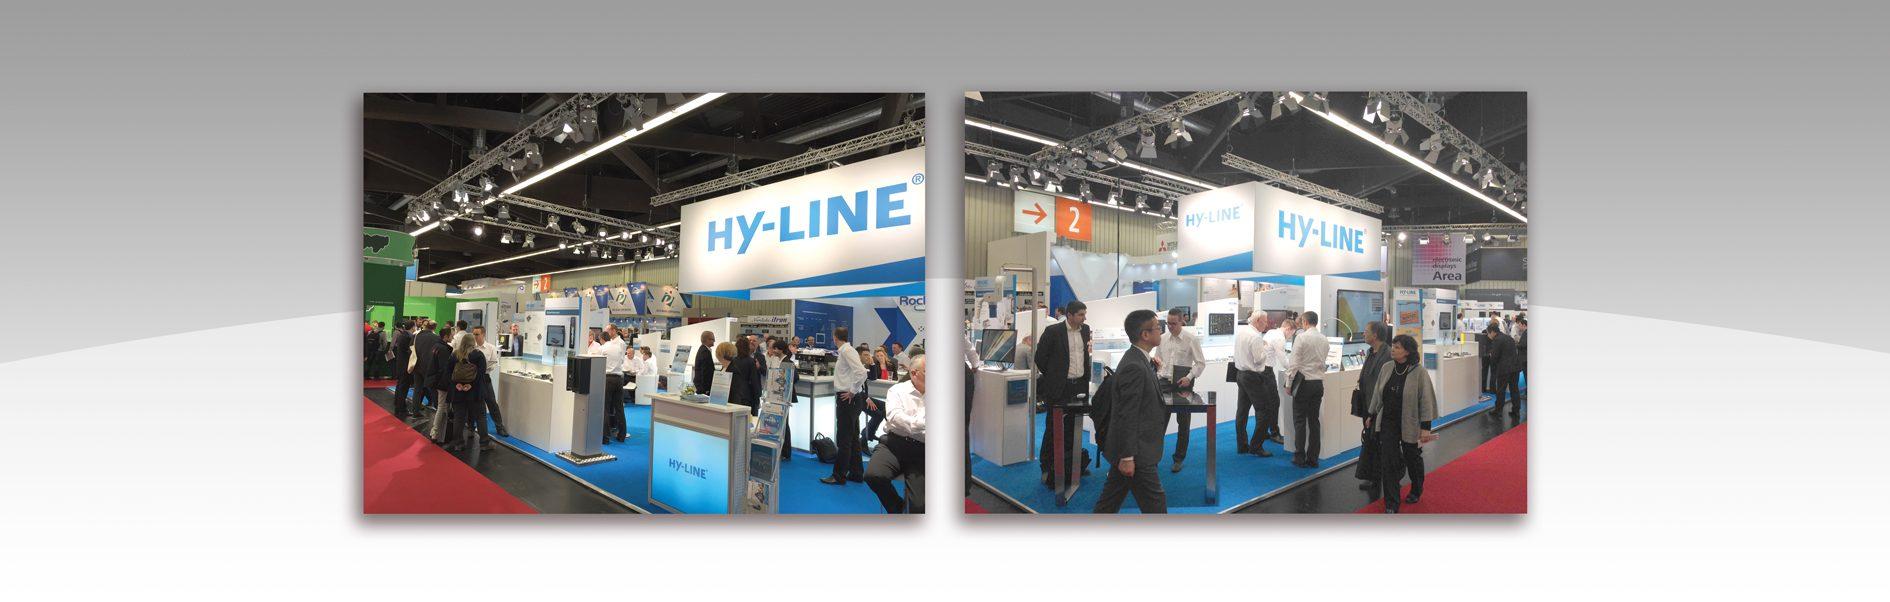 Hier sind zwei Messebilder von HY-LINE abgebildet.